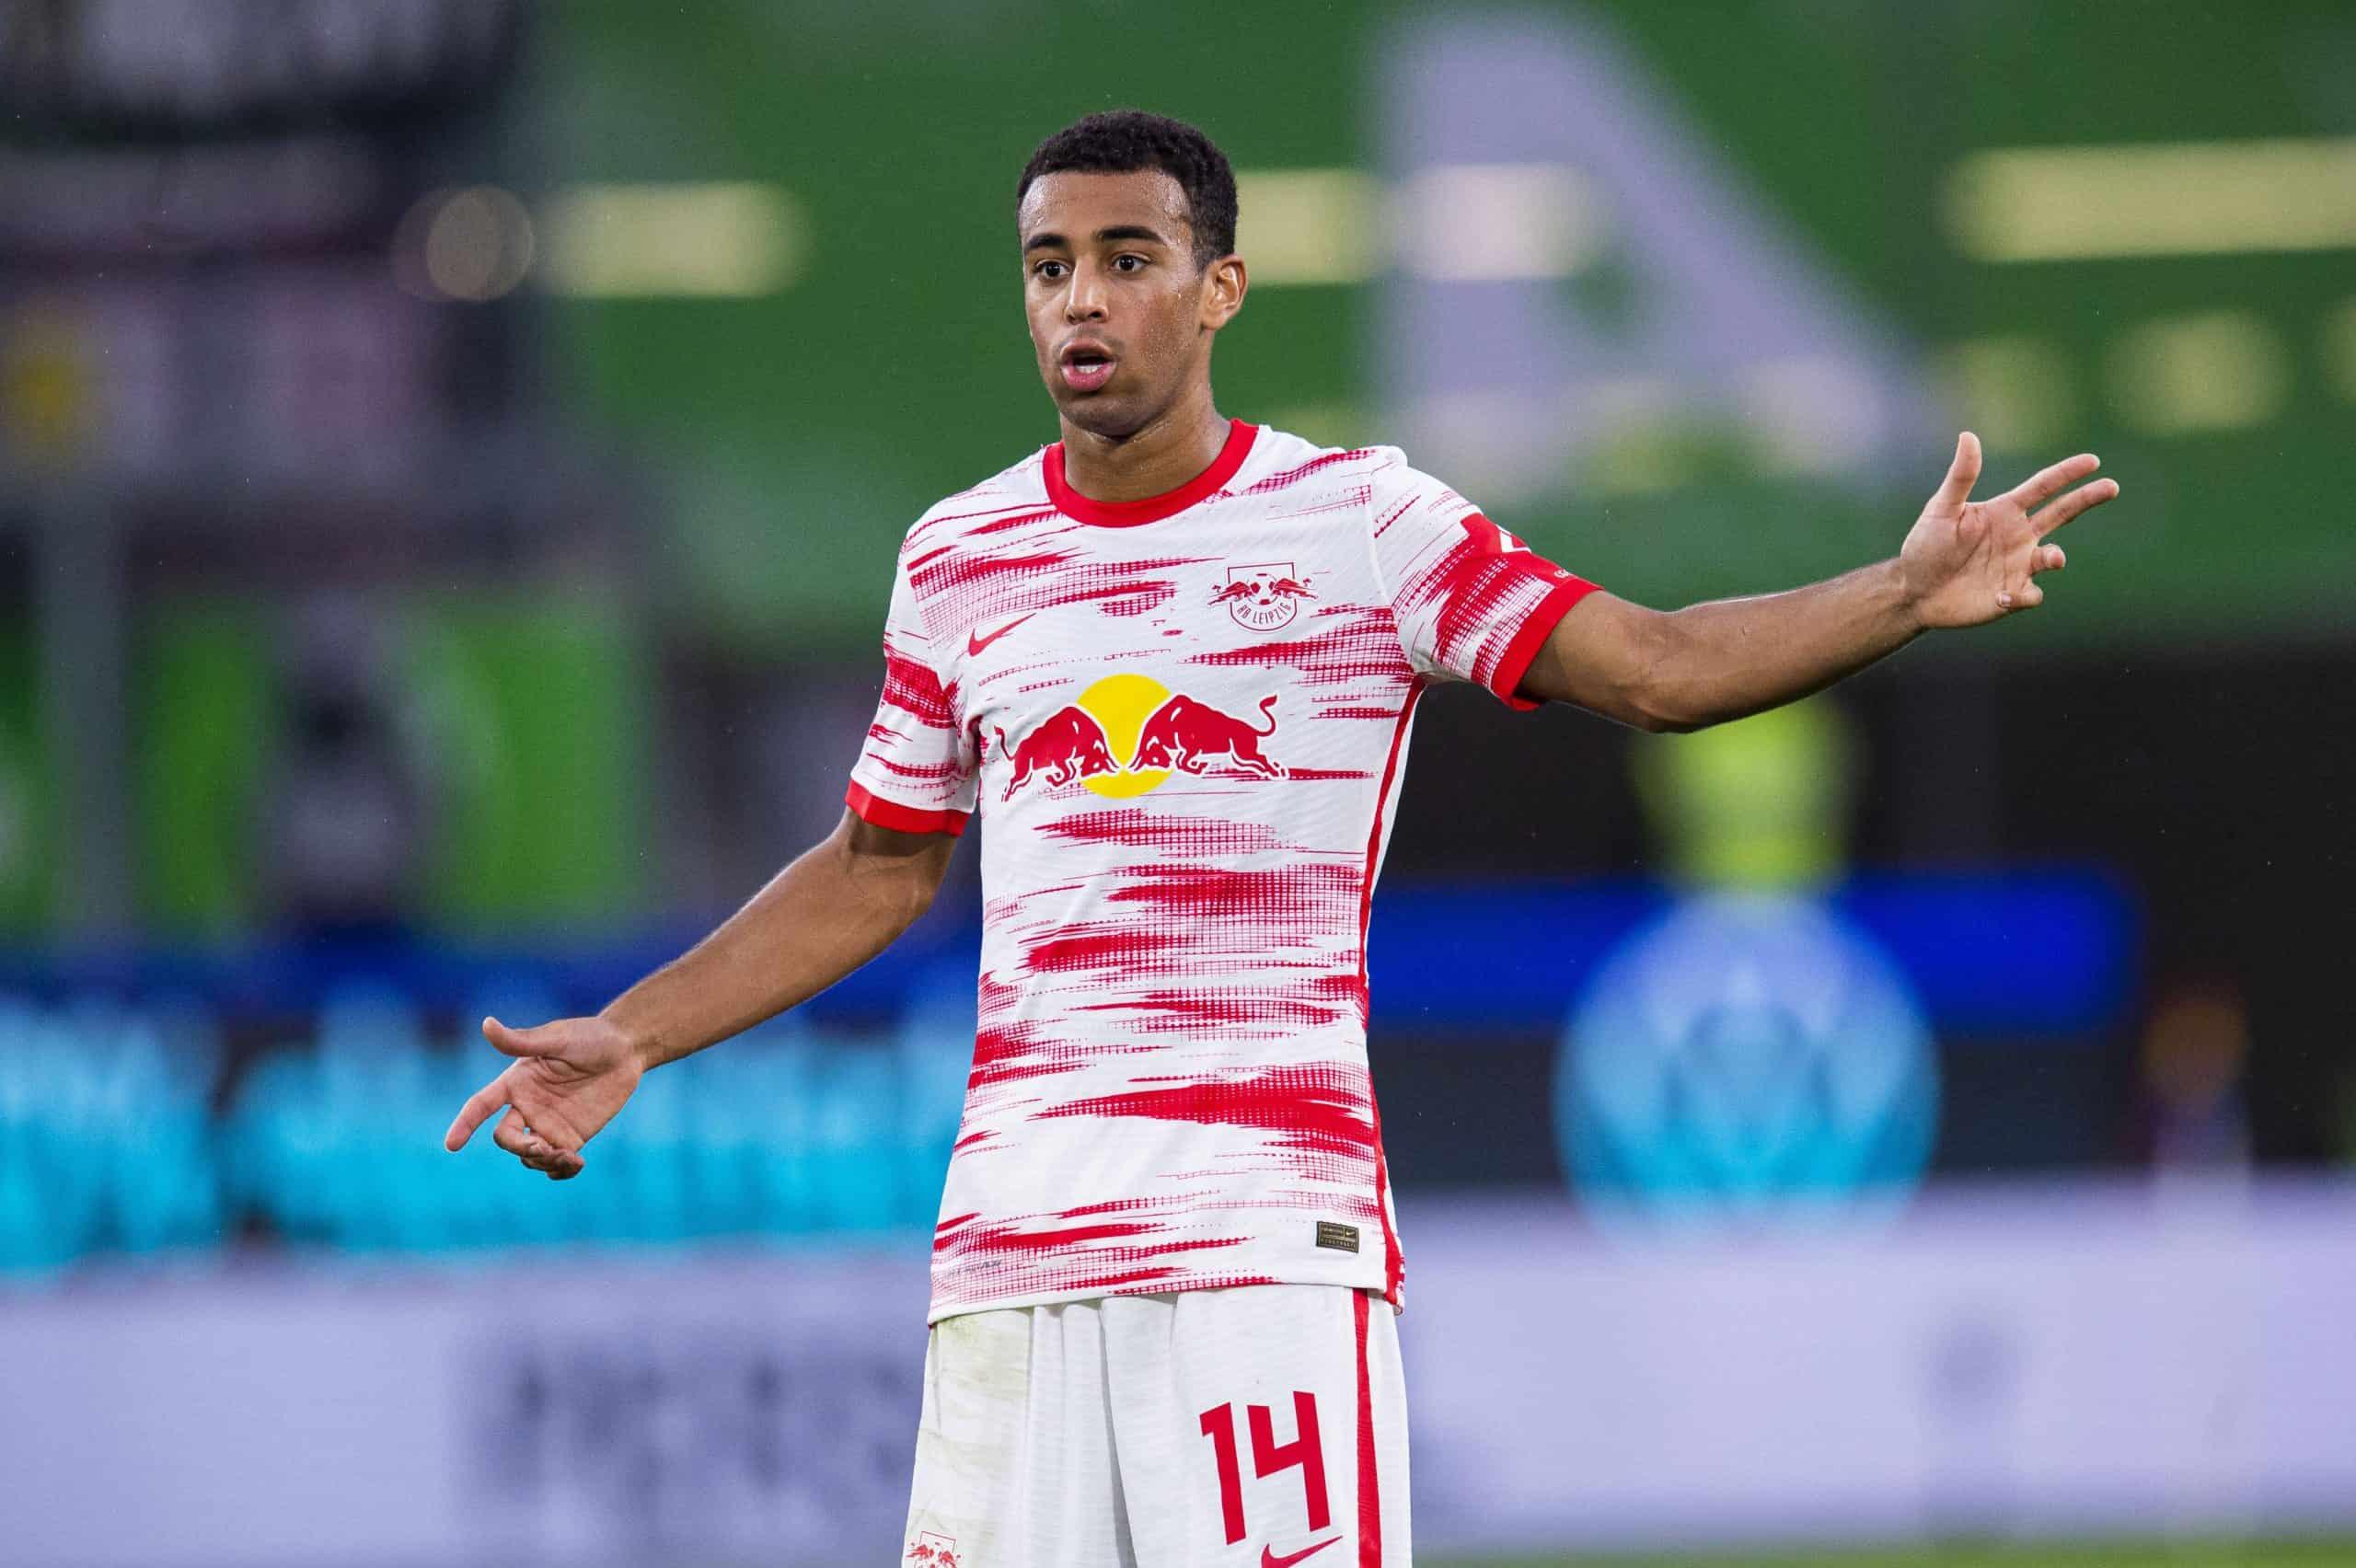 En Europa se burlan de CONCACAF, reveló Adams, de EU